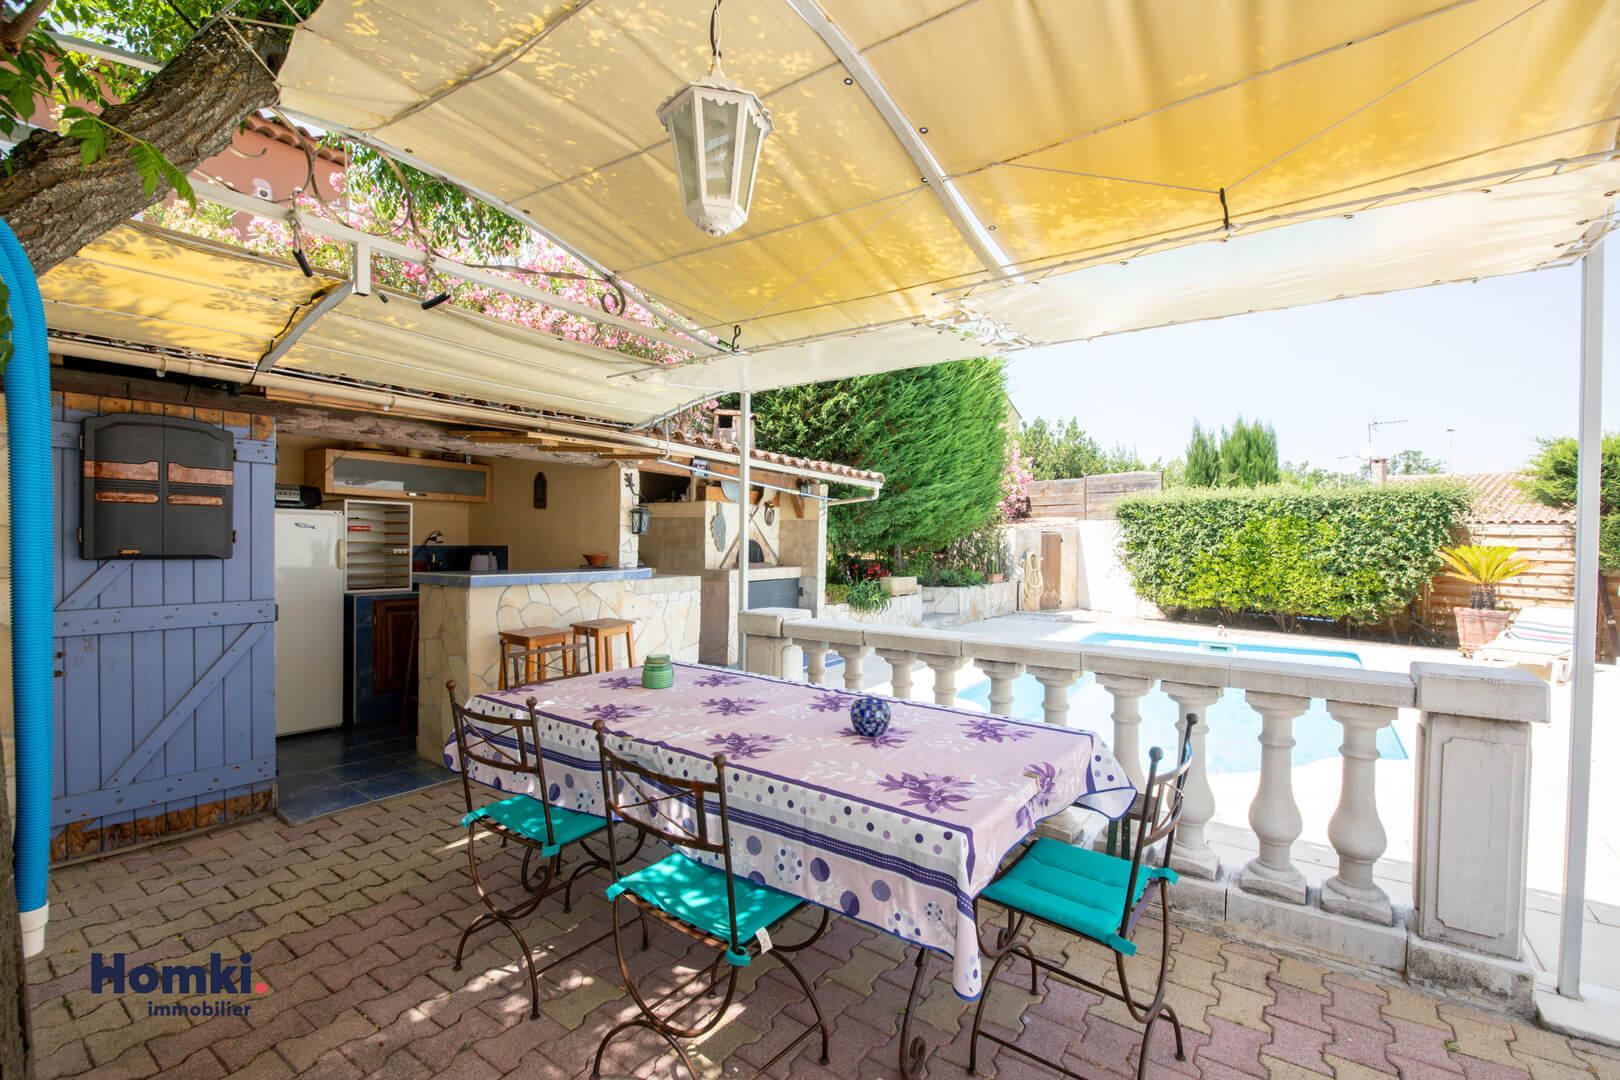 Vente maison villa Marseille Olives 13014 T6_12